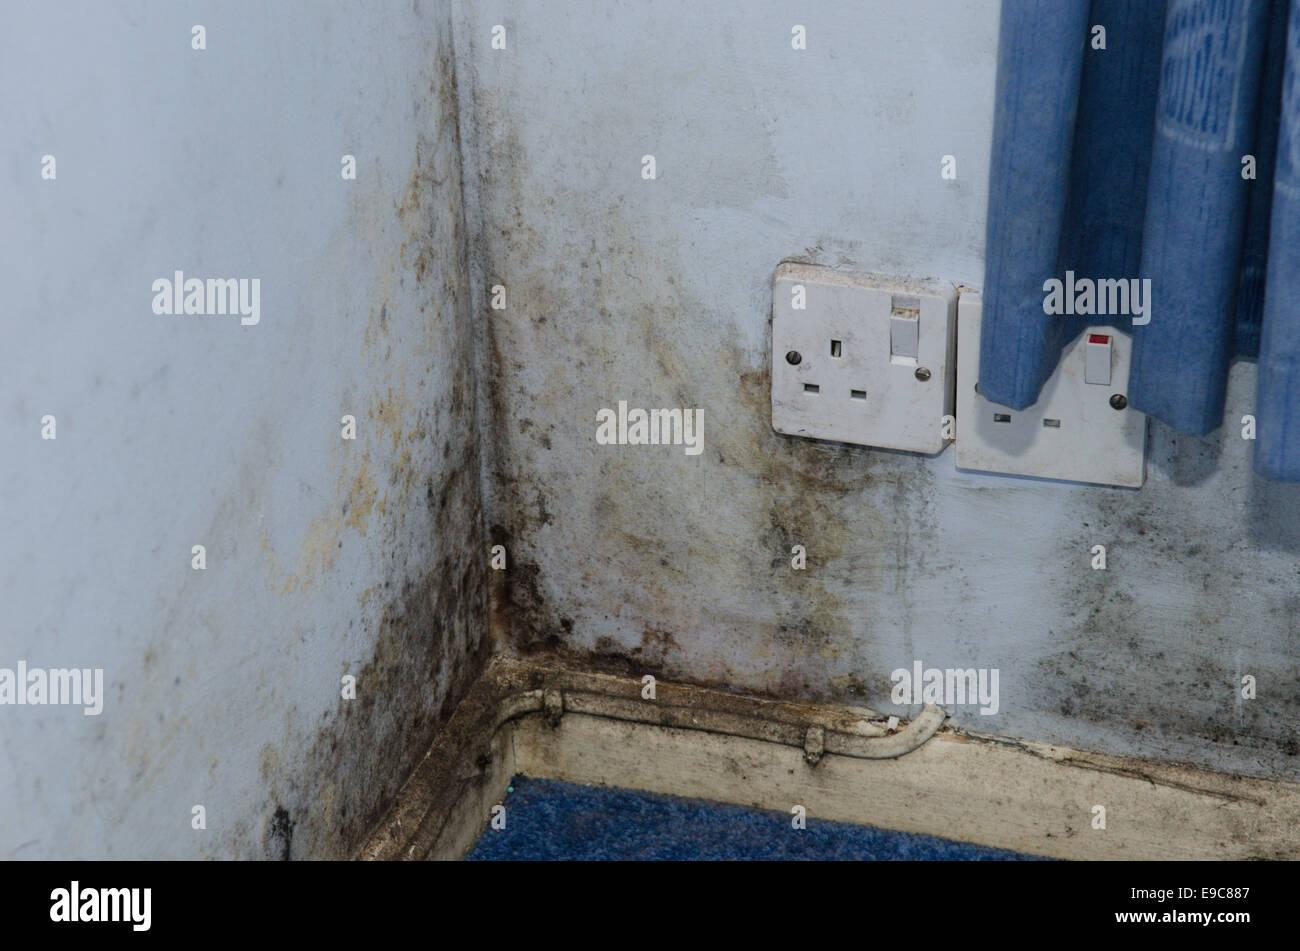 Muffa sulla parete umida nella camera da letto di beni in ...